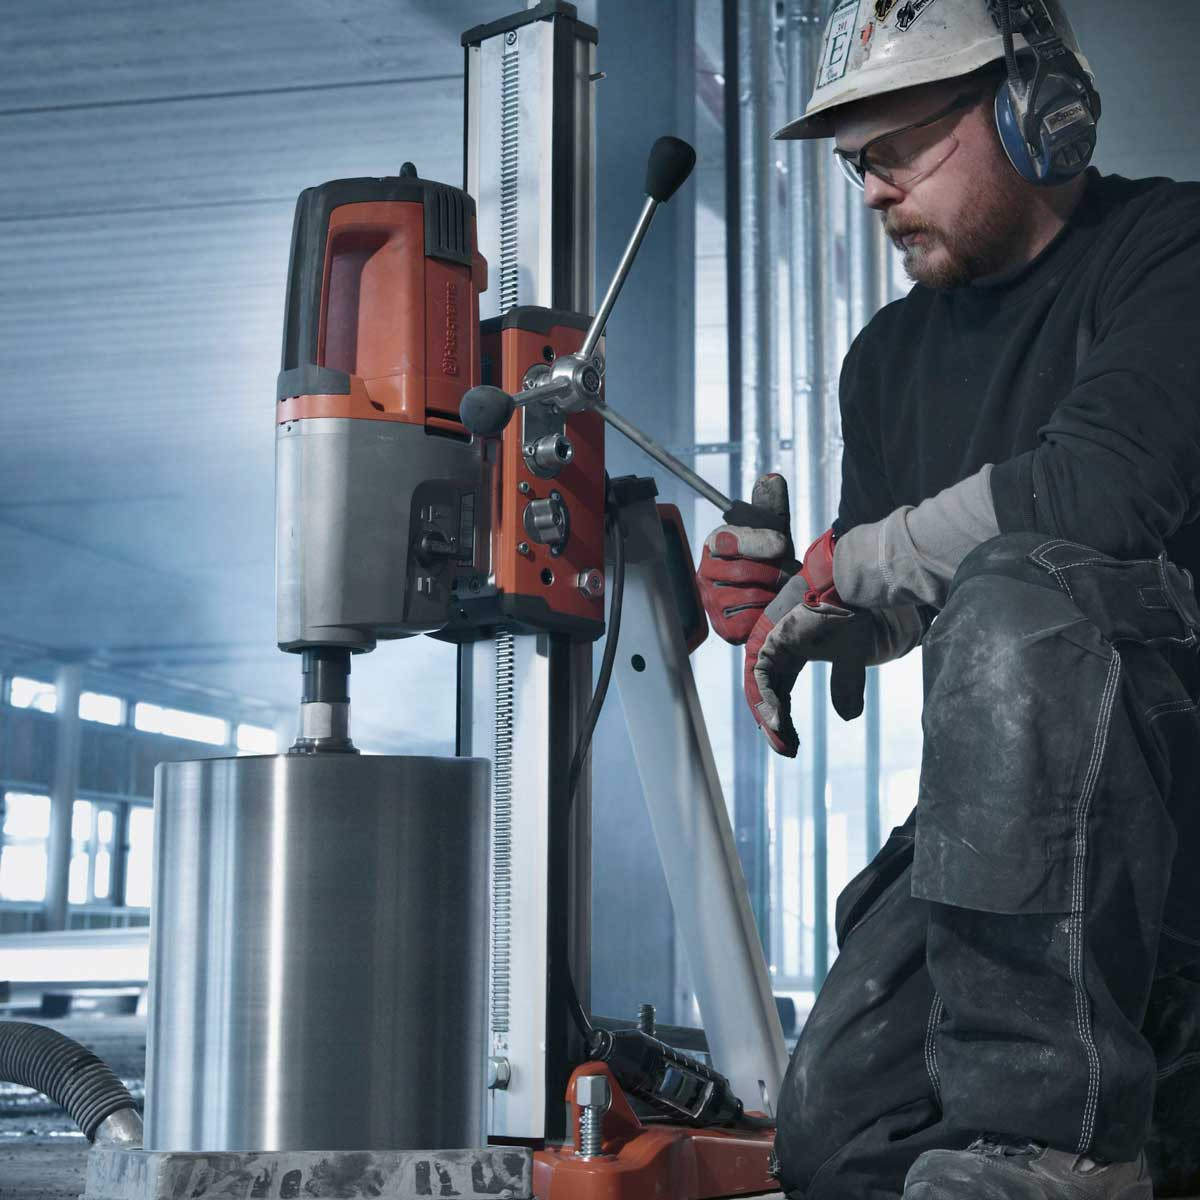 Husqvarna DM340 Motor floor Drill